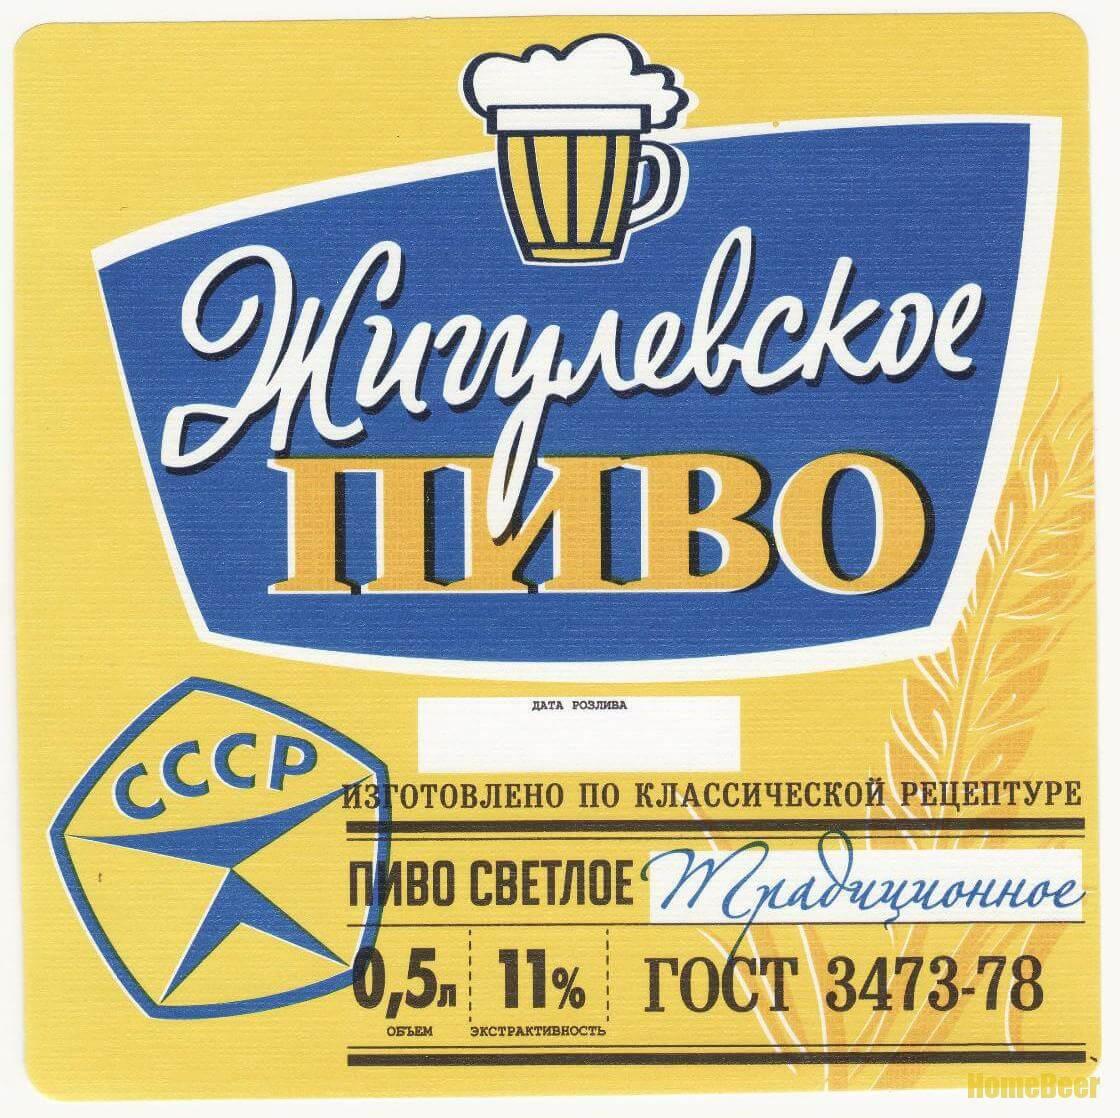 Рецепт пива жигулевское